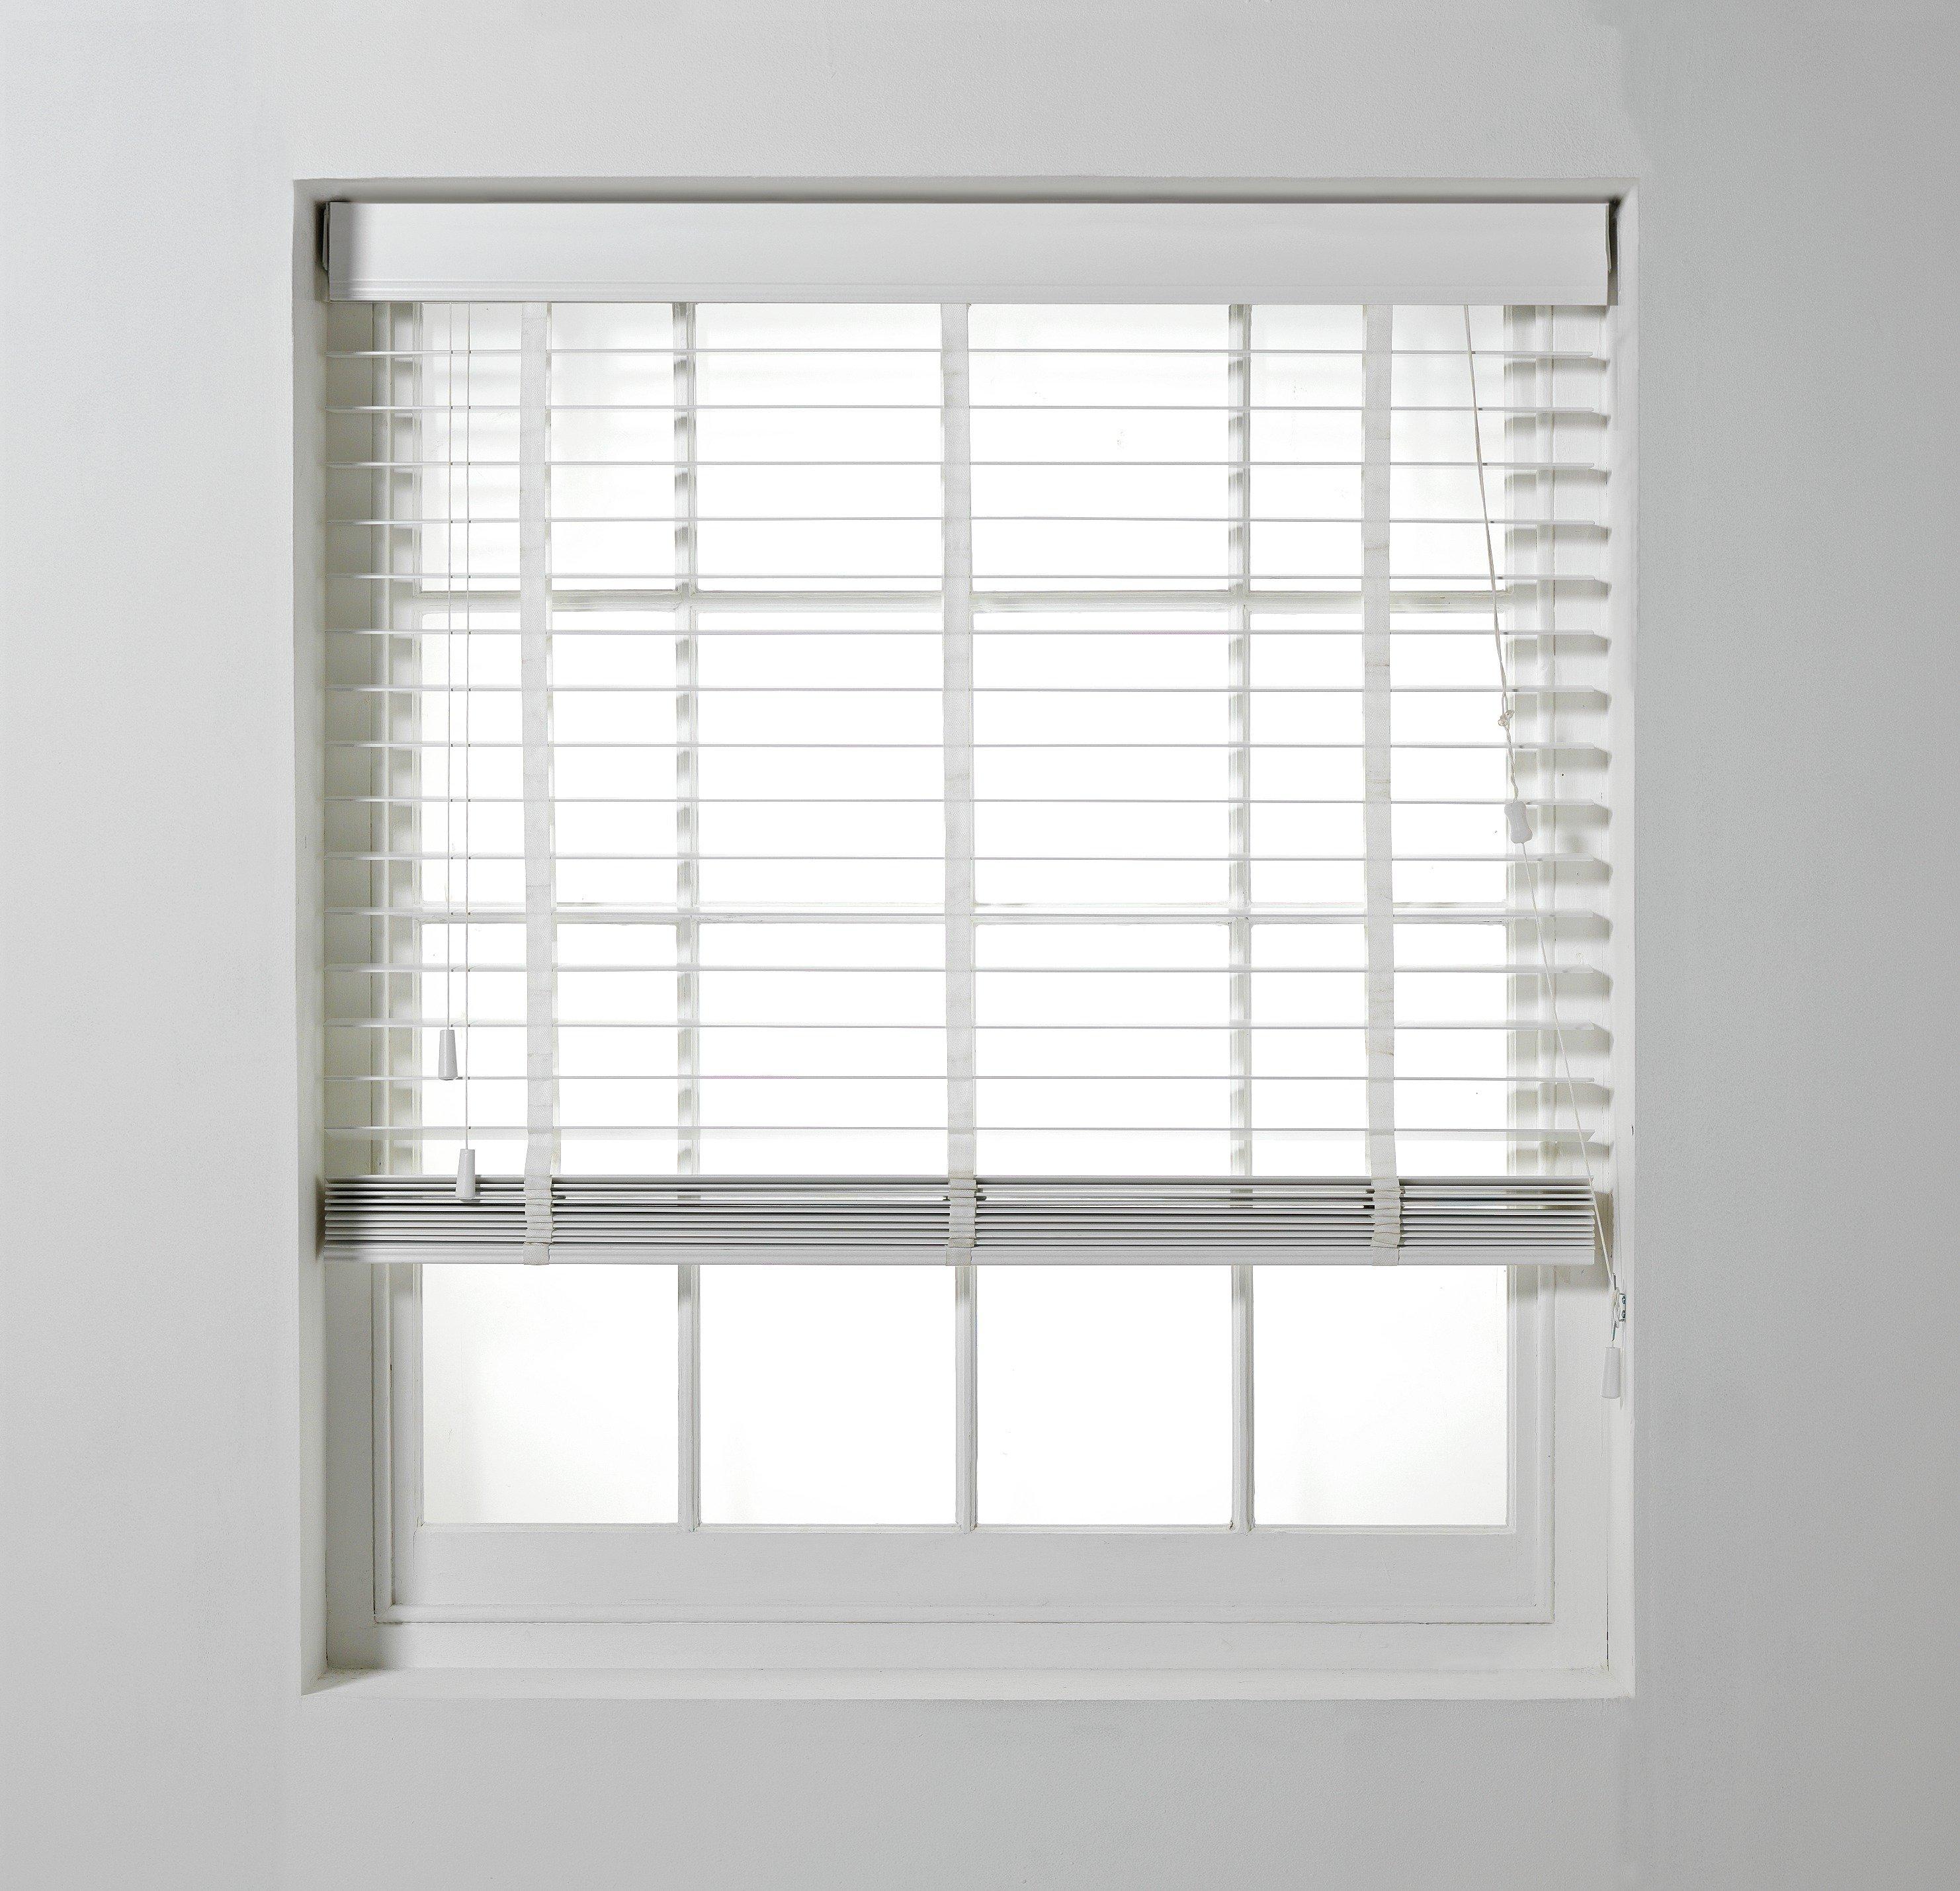 heart-of-house-shutter-effect-blind-110x160cm-white